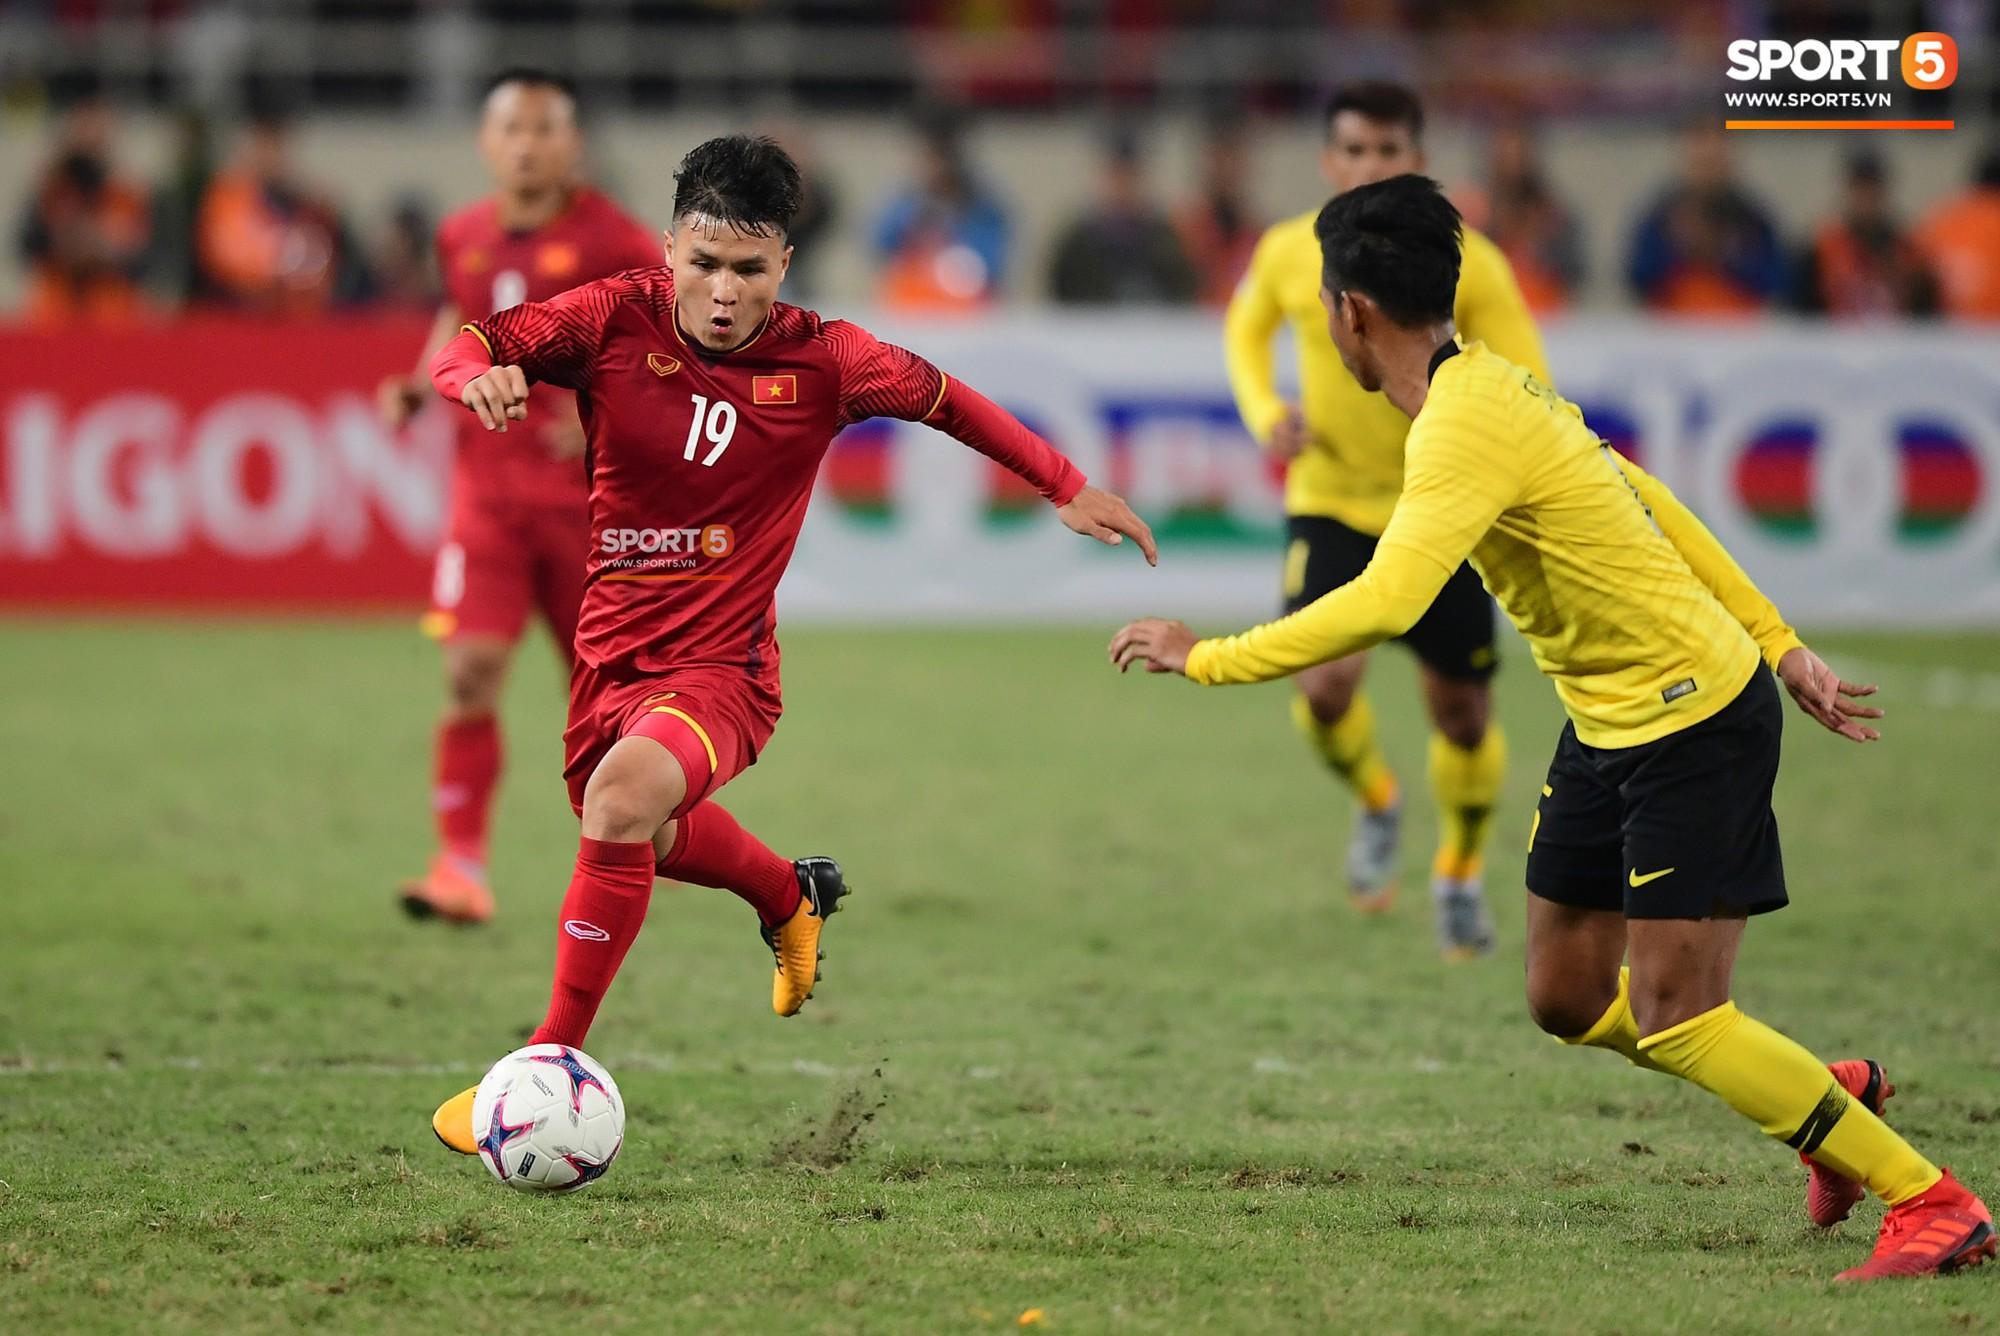 Vượt Quang Hải, Son Heung-min trở thành cầu thủ xuất sắc nhất châu Á 2018-2